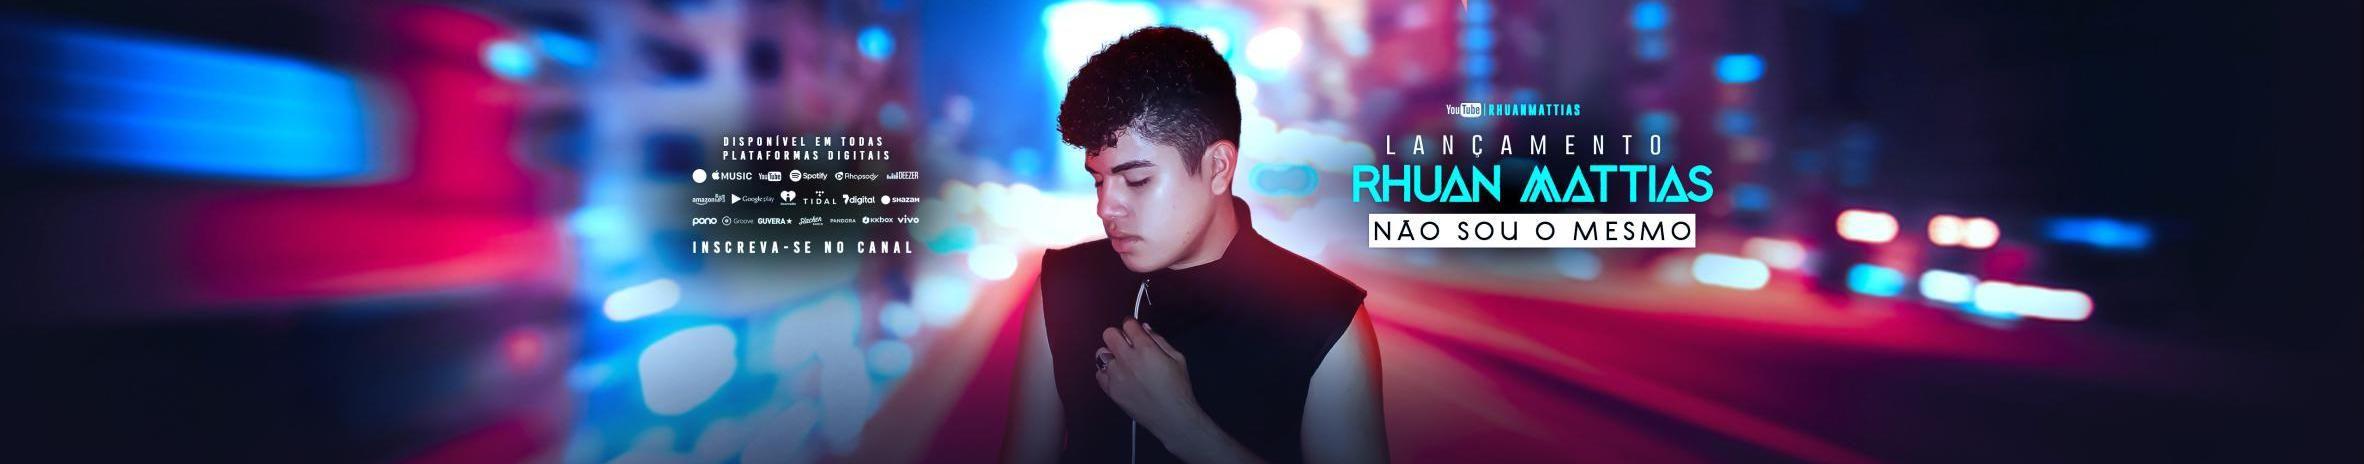 Imagem de capa de Rhuan Mattias